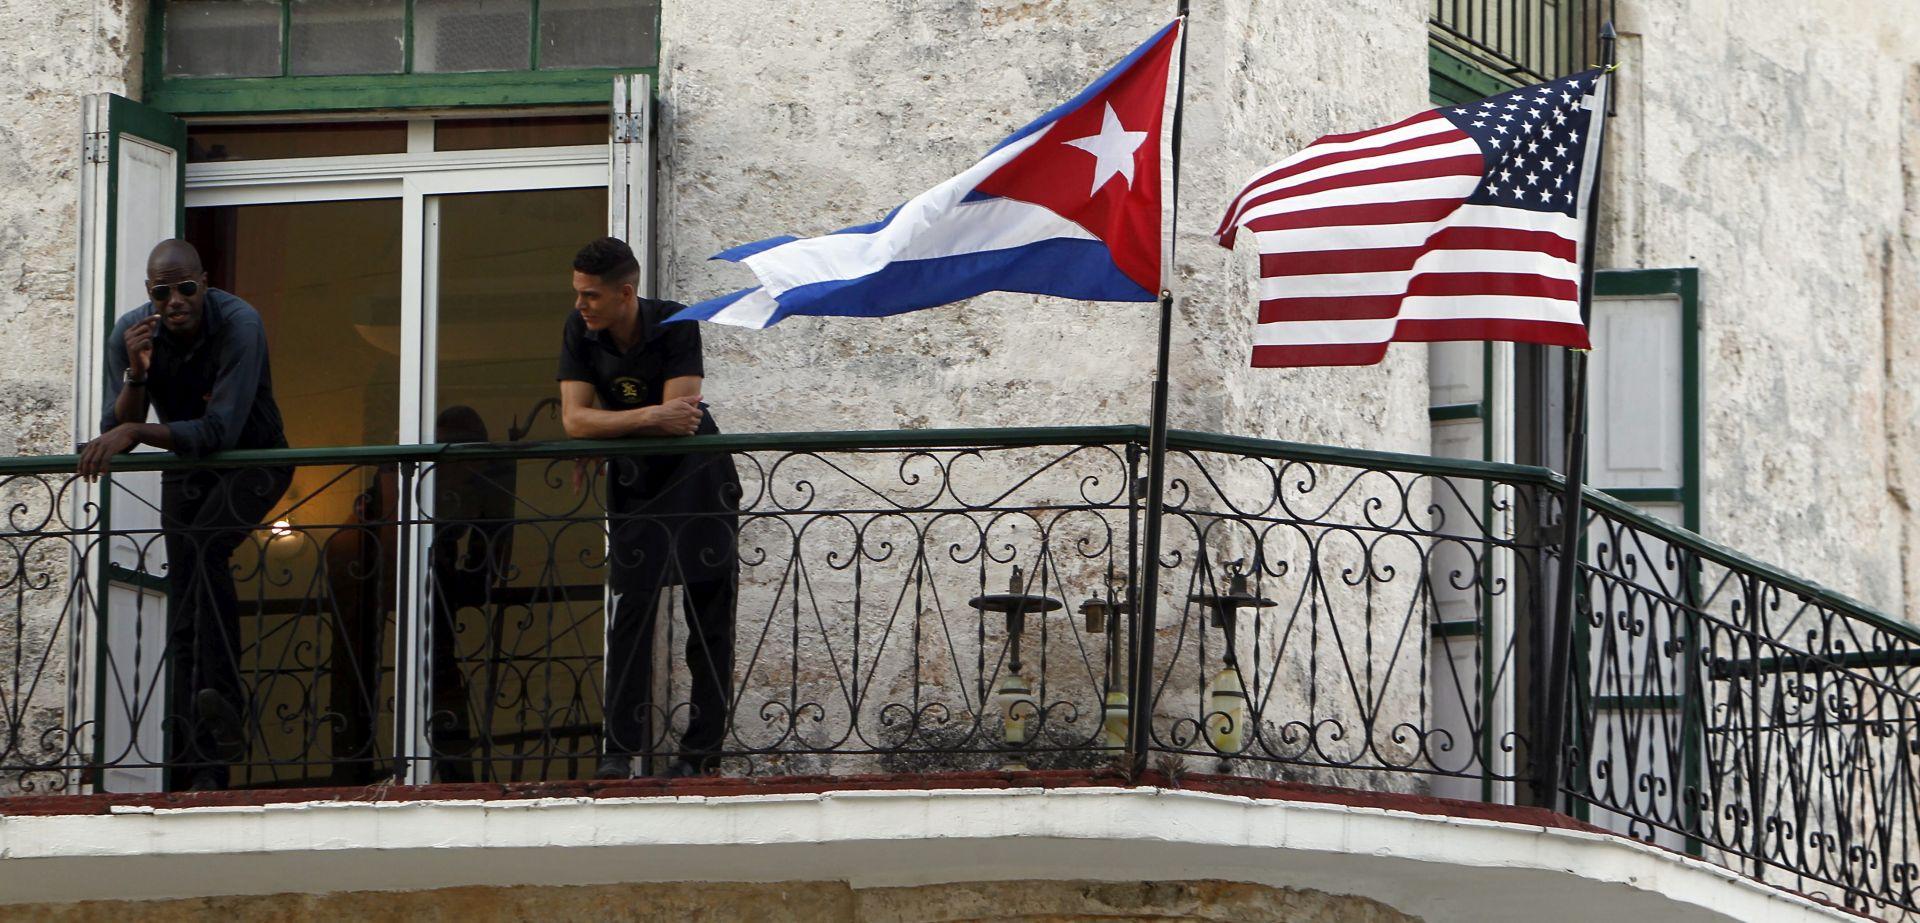 POVIJESNI POSJET: Obama u Havani kreće u nezaustavljivo otvaranje Kube